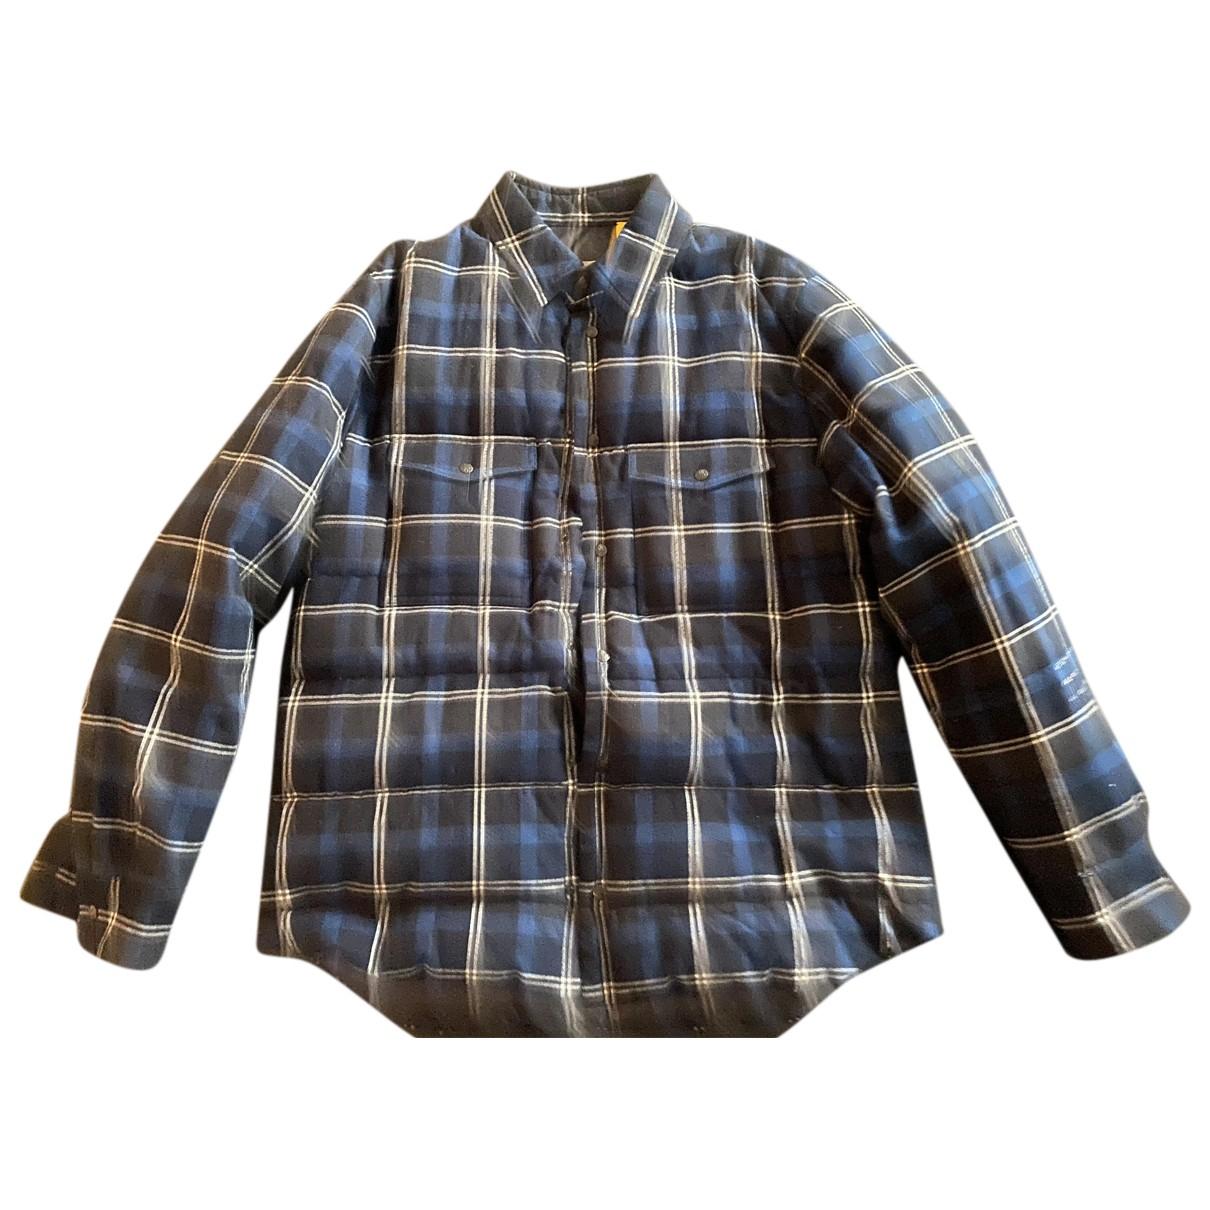 Moncler Genius - Vestes.Blousons Moncler n°7 Fragment Hiroshi Fujiwara pour homme en laine - bleu